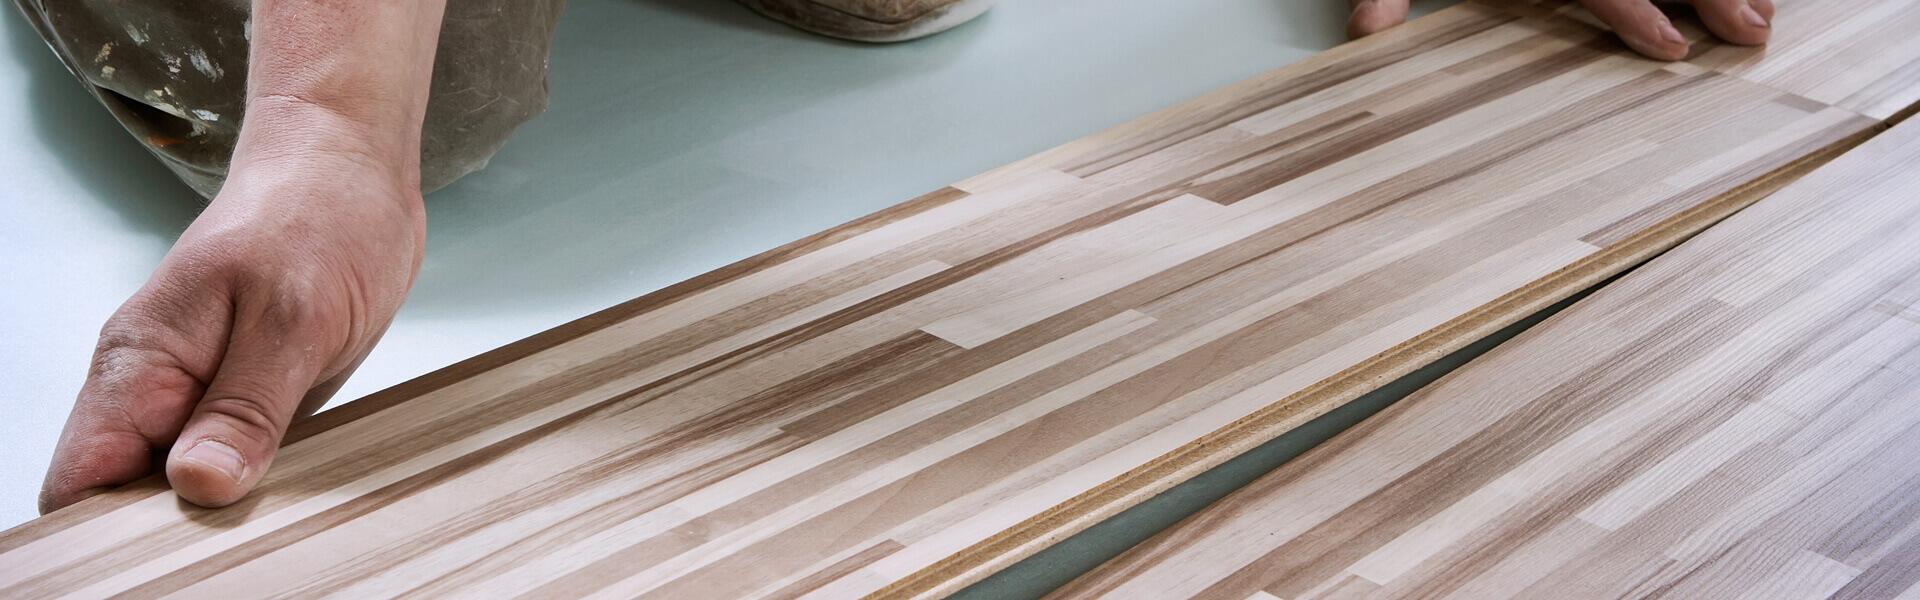 Instalación, Mantenimiento, Reparación de pisos de madera - La Casa del Parquet